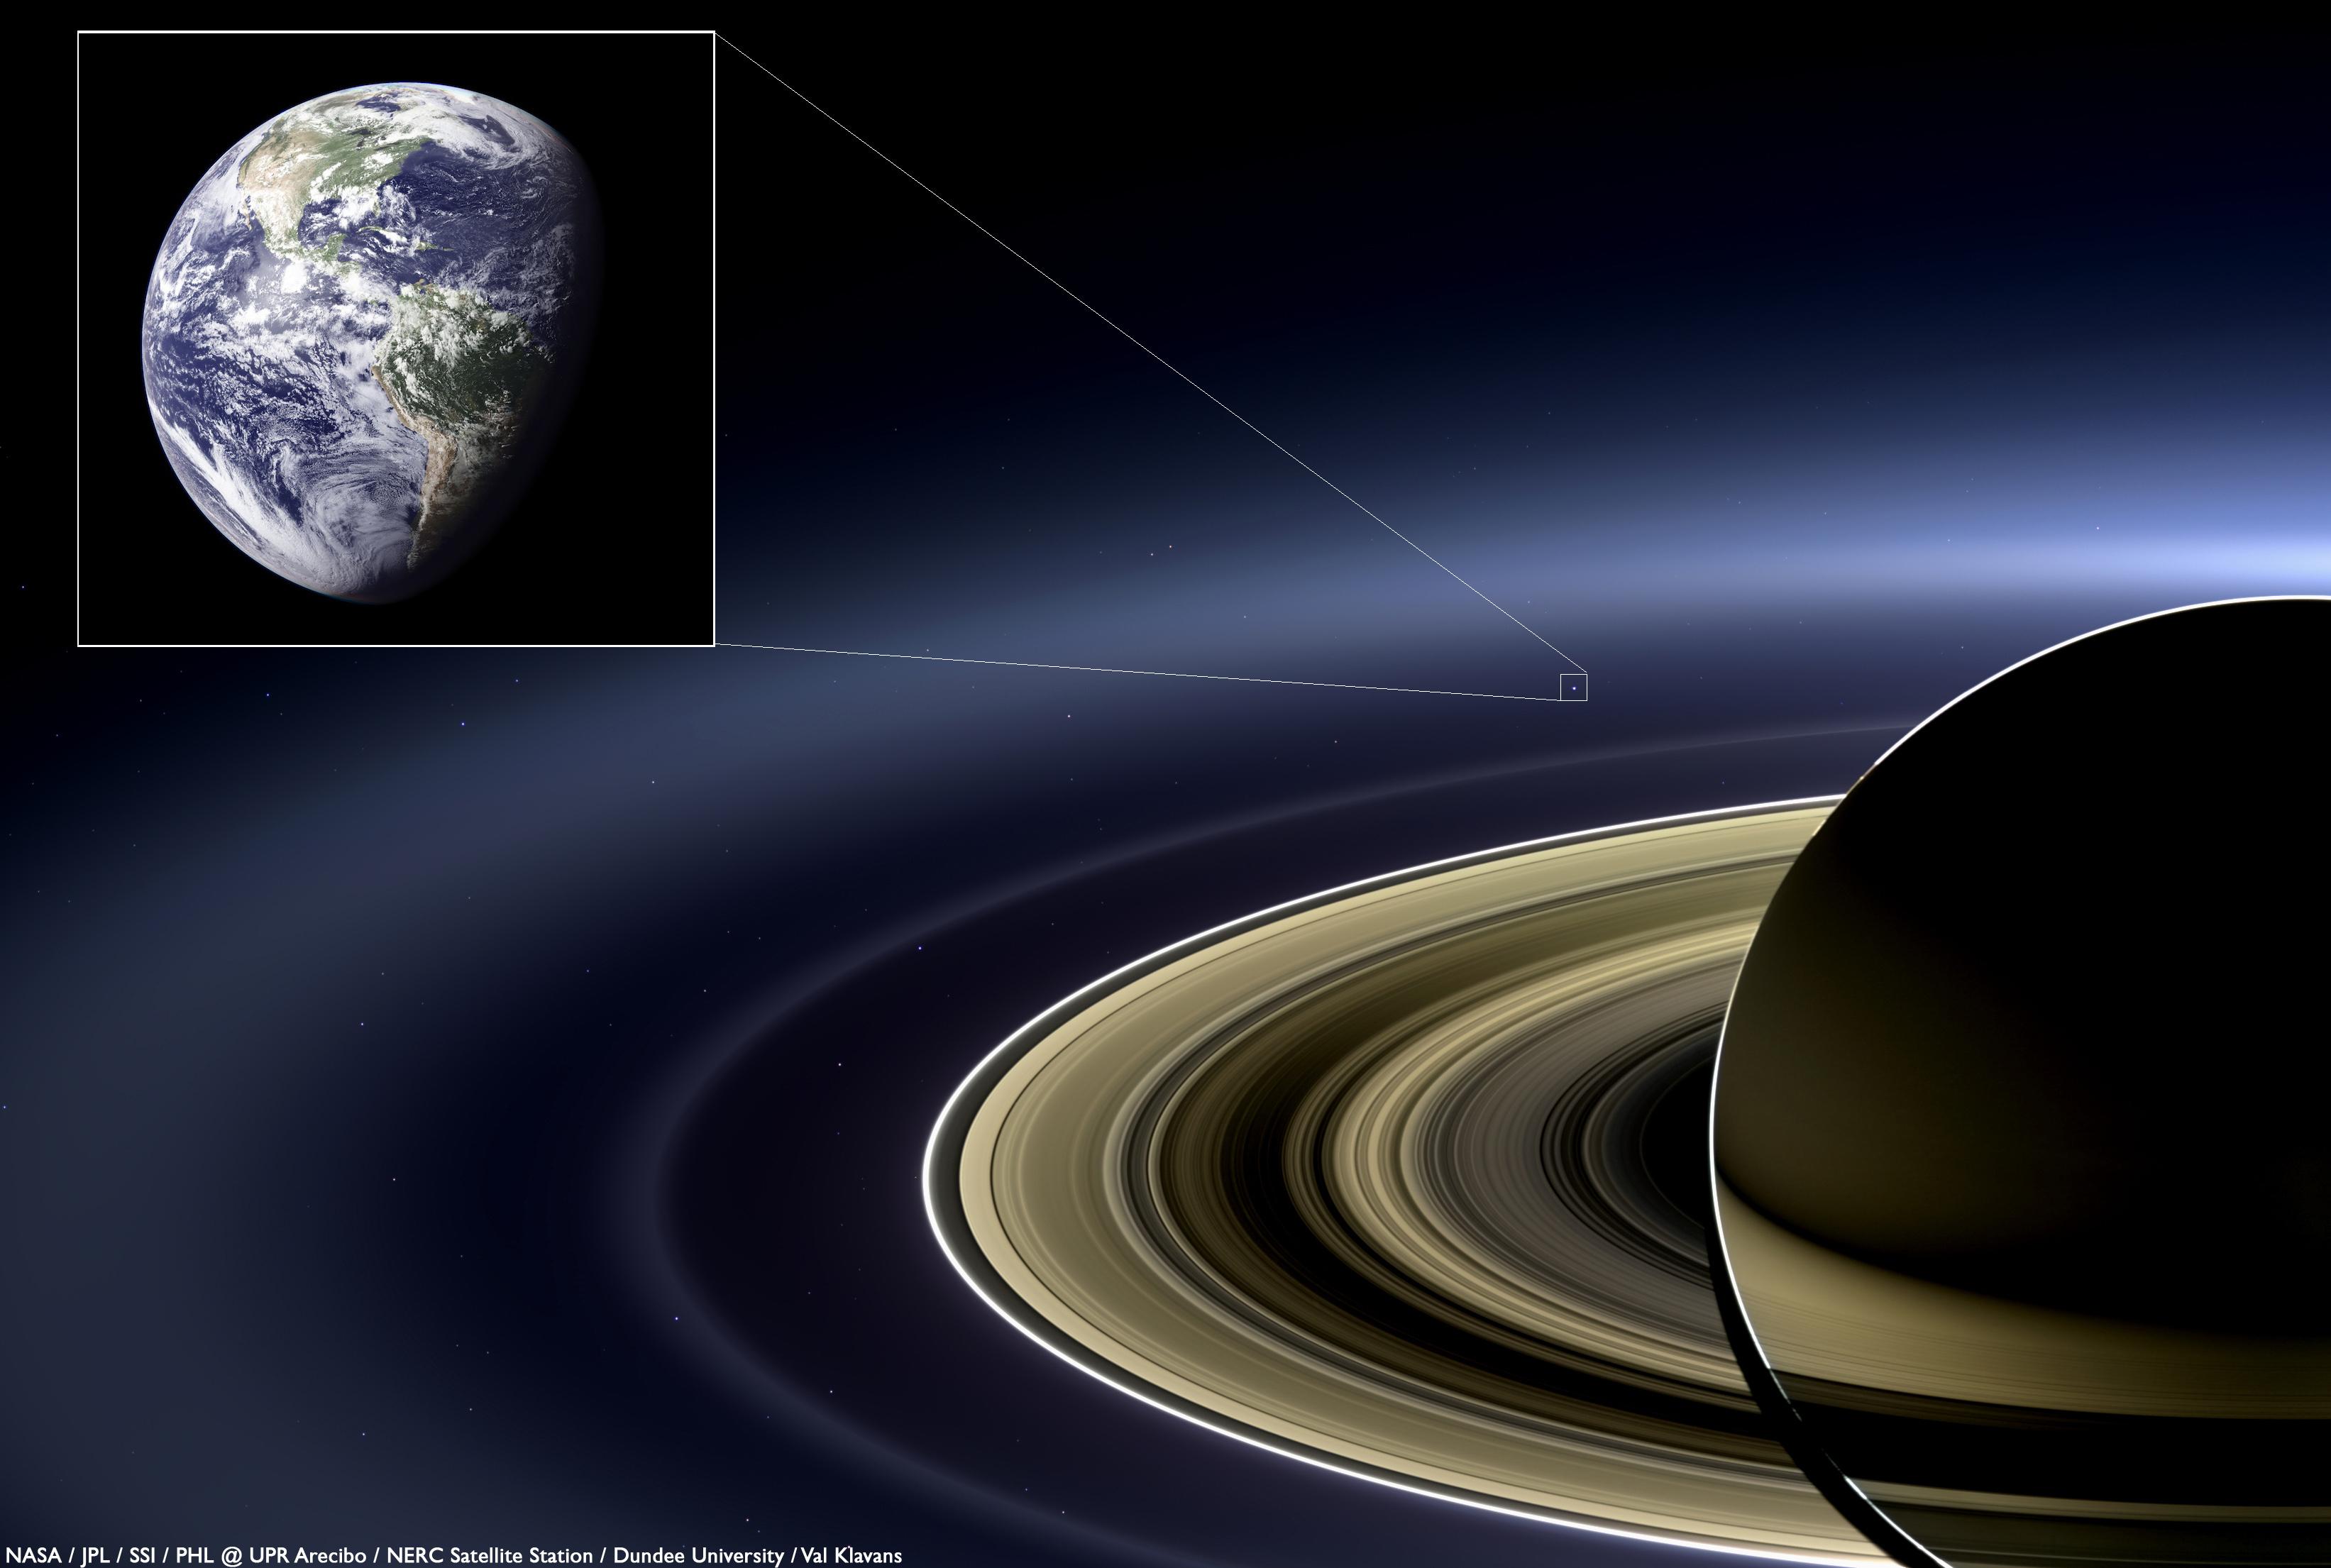 デスクトップ壁紙 Nasa スペース リング 青 Iss サークル 淡い 土星 天文学 13年 カール 7月 ドット 図19 宇宙船 ヴァル アースデー コンピュータの壁紙 地球の雰囲気 宇宙空間 天体 セイガン 太陽系 遊星型 Astrobiology カッシーニ Jpl